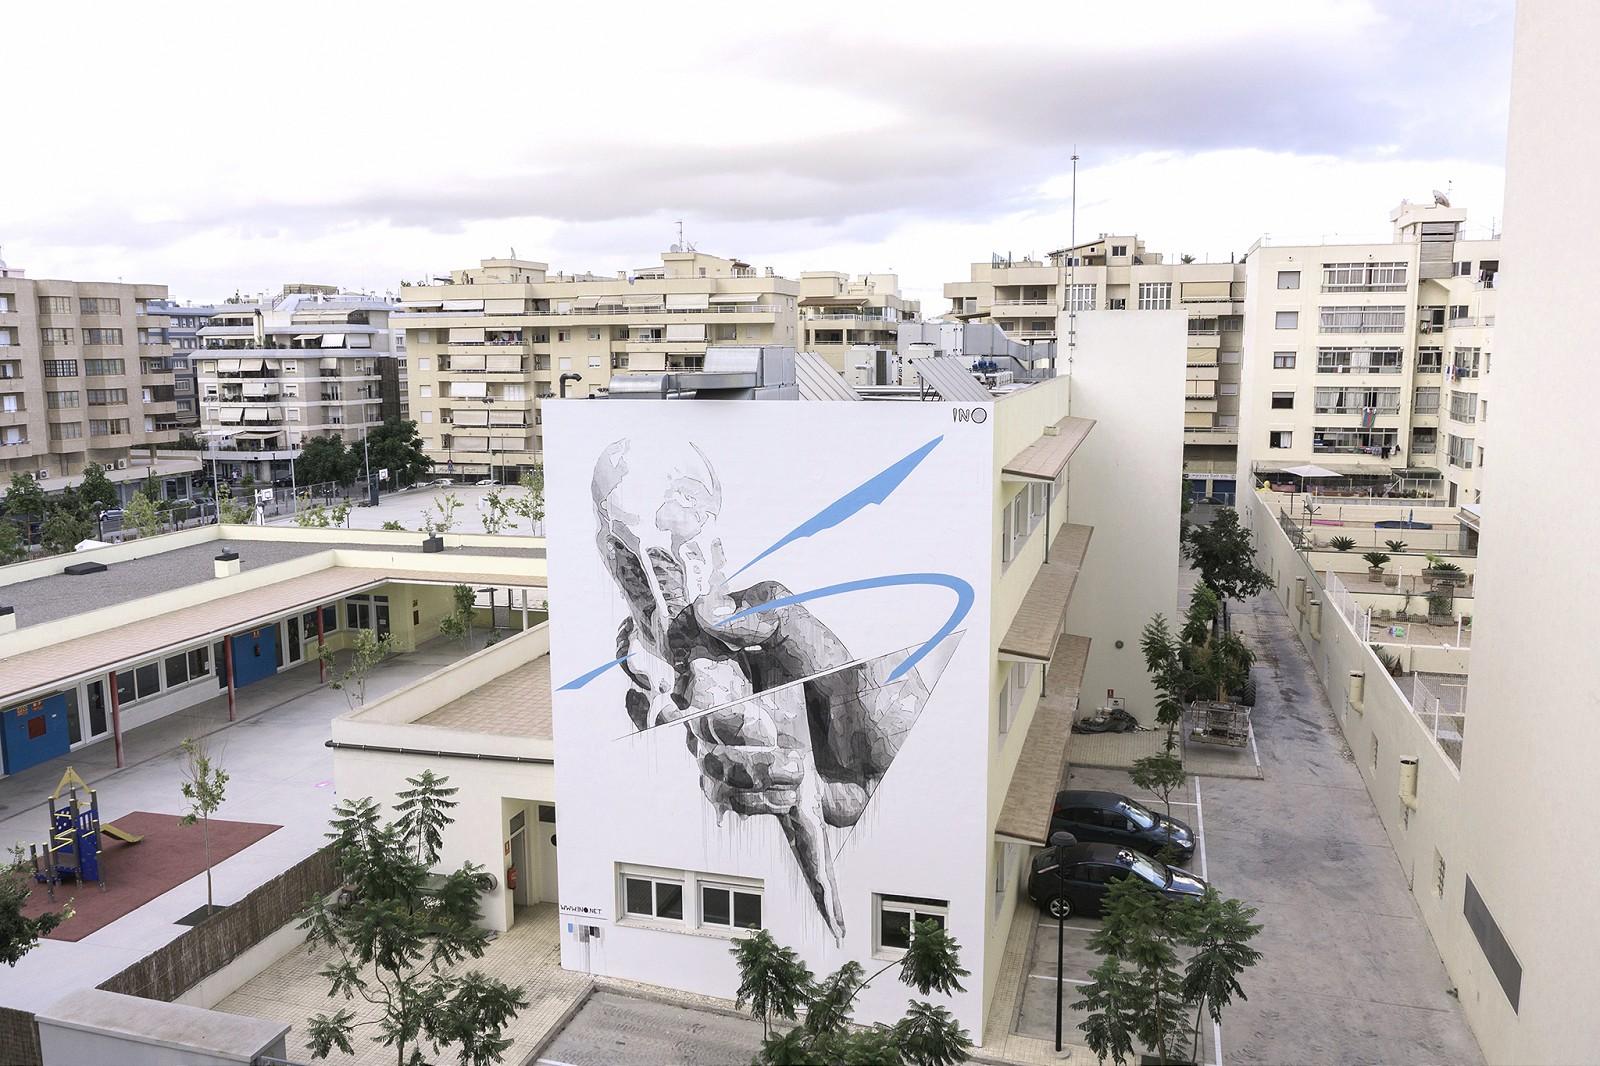 Streets: INO (Ibiza)